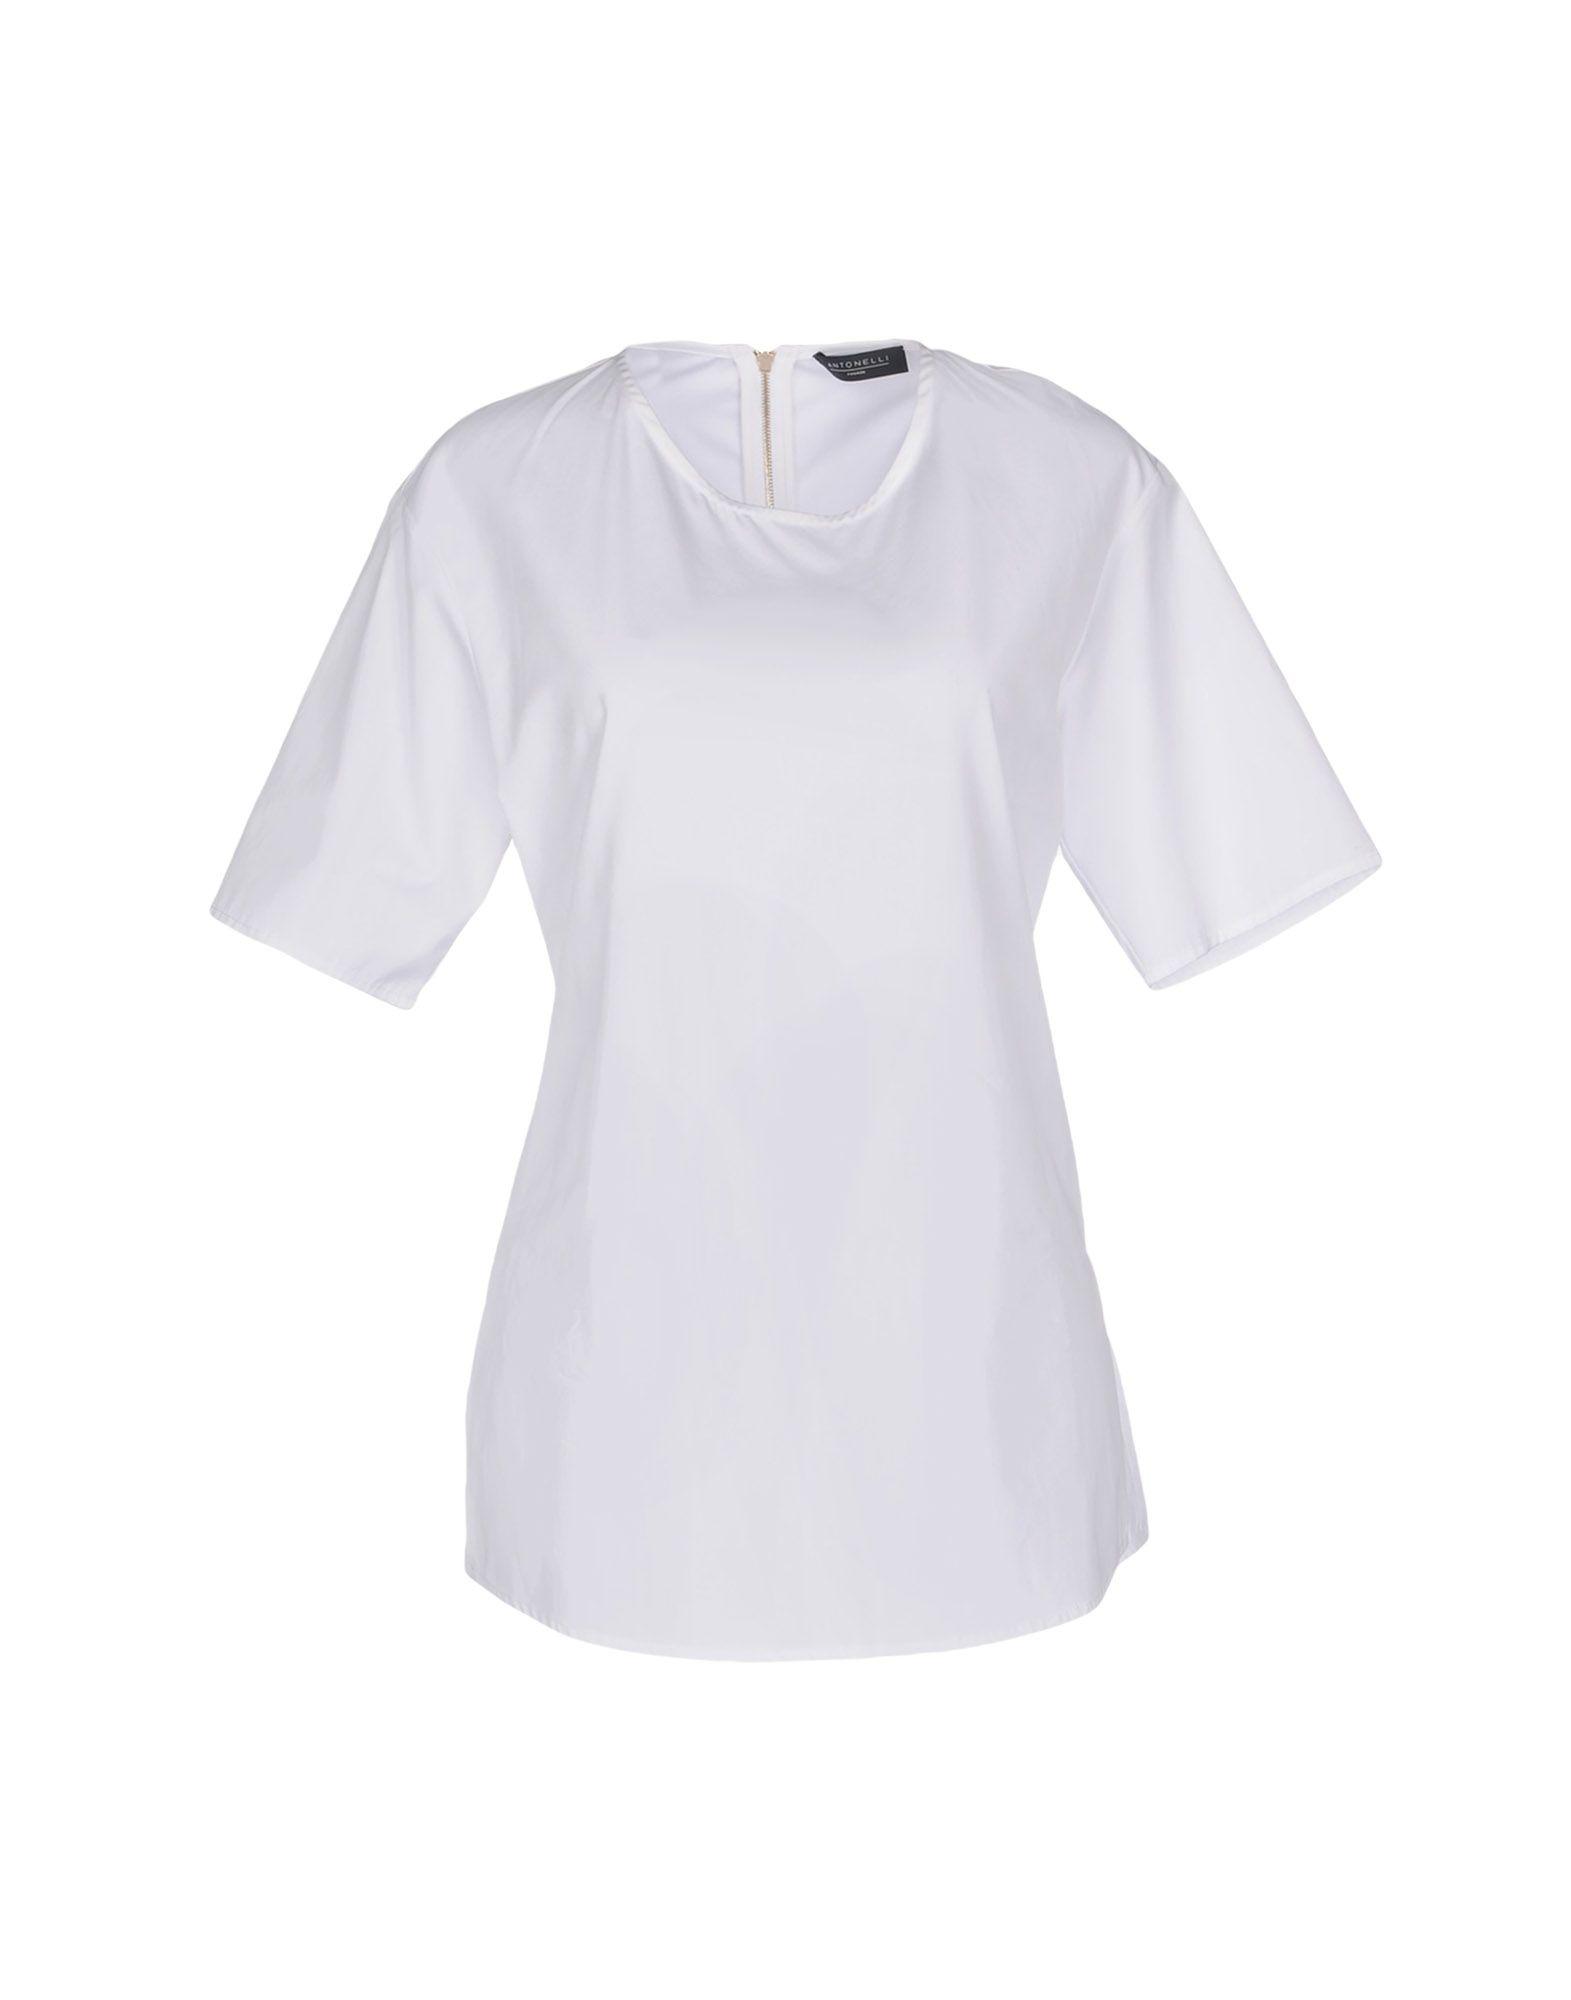 ANTONELLI Блузка блузка с рисунком короткие рукава вырез сзади